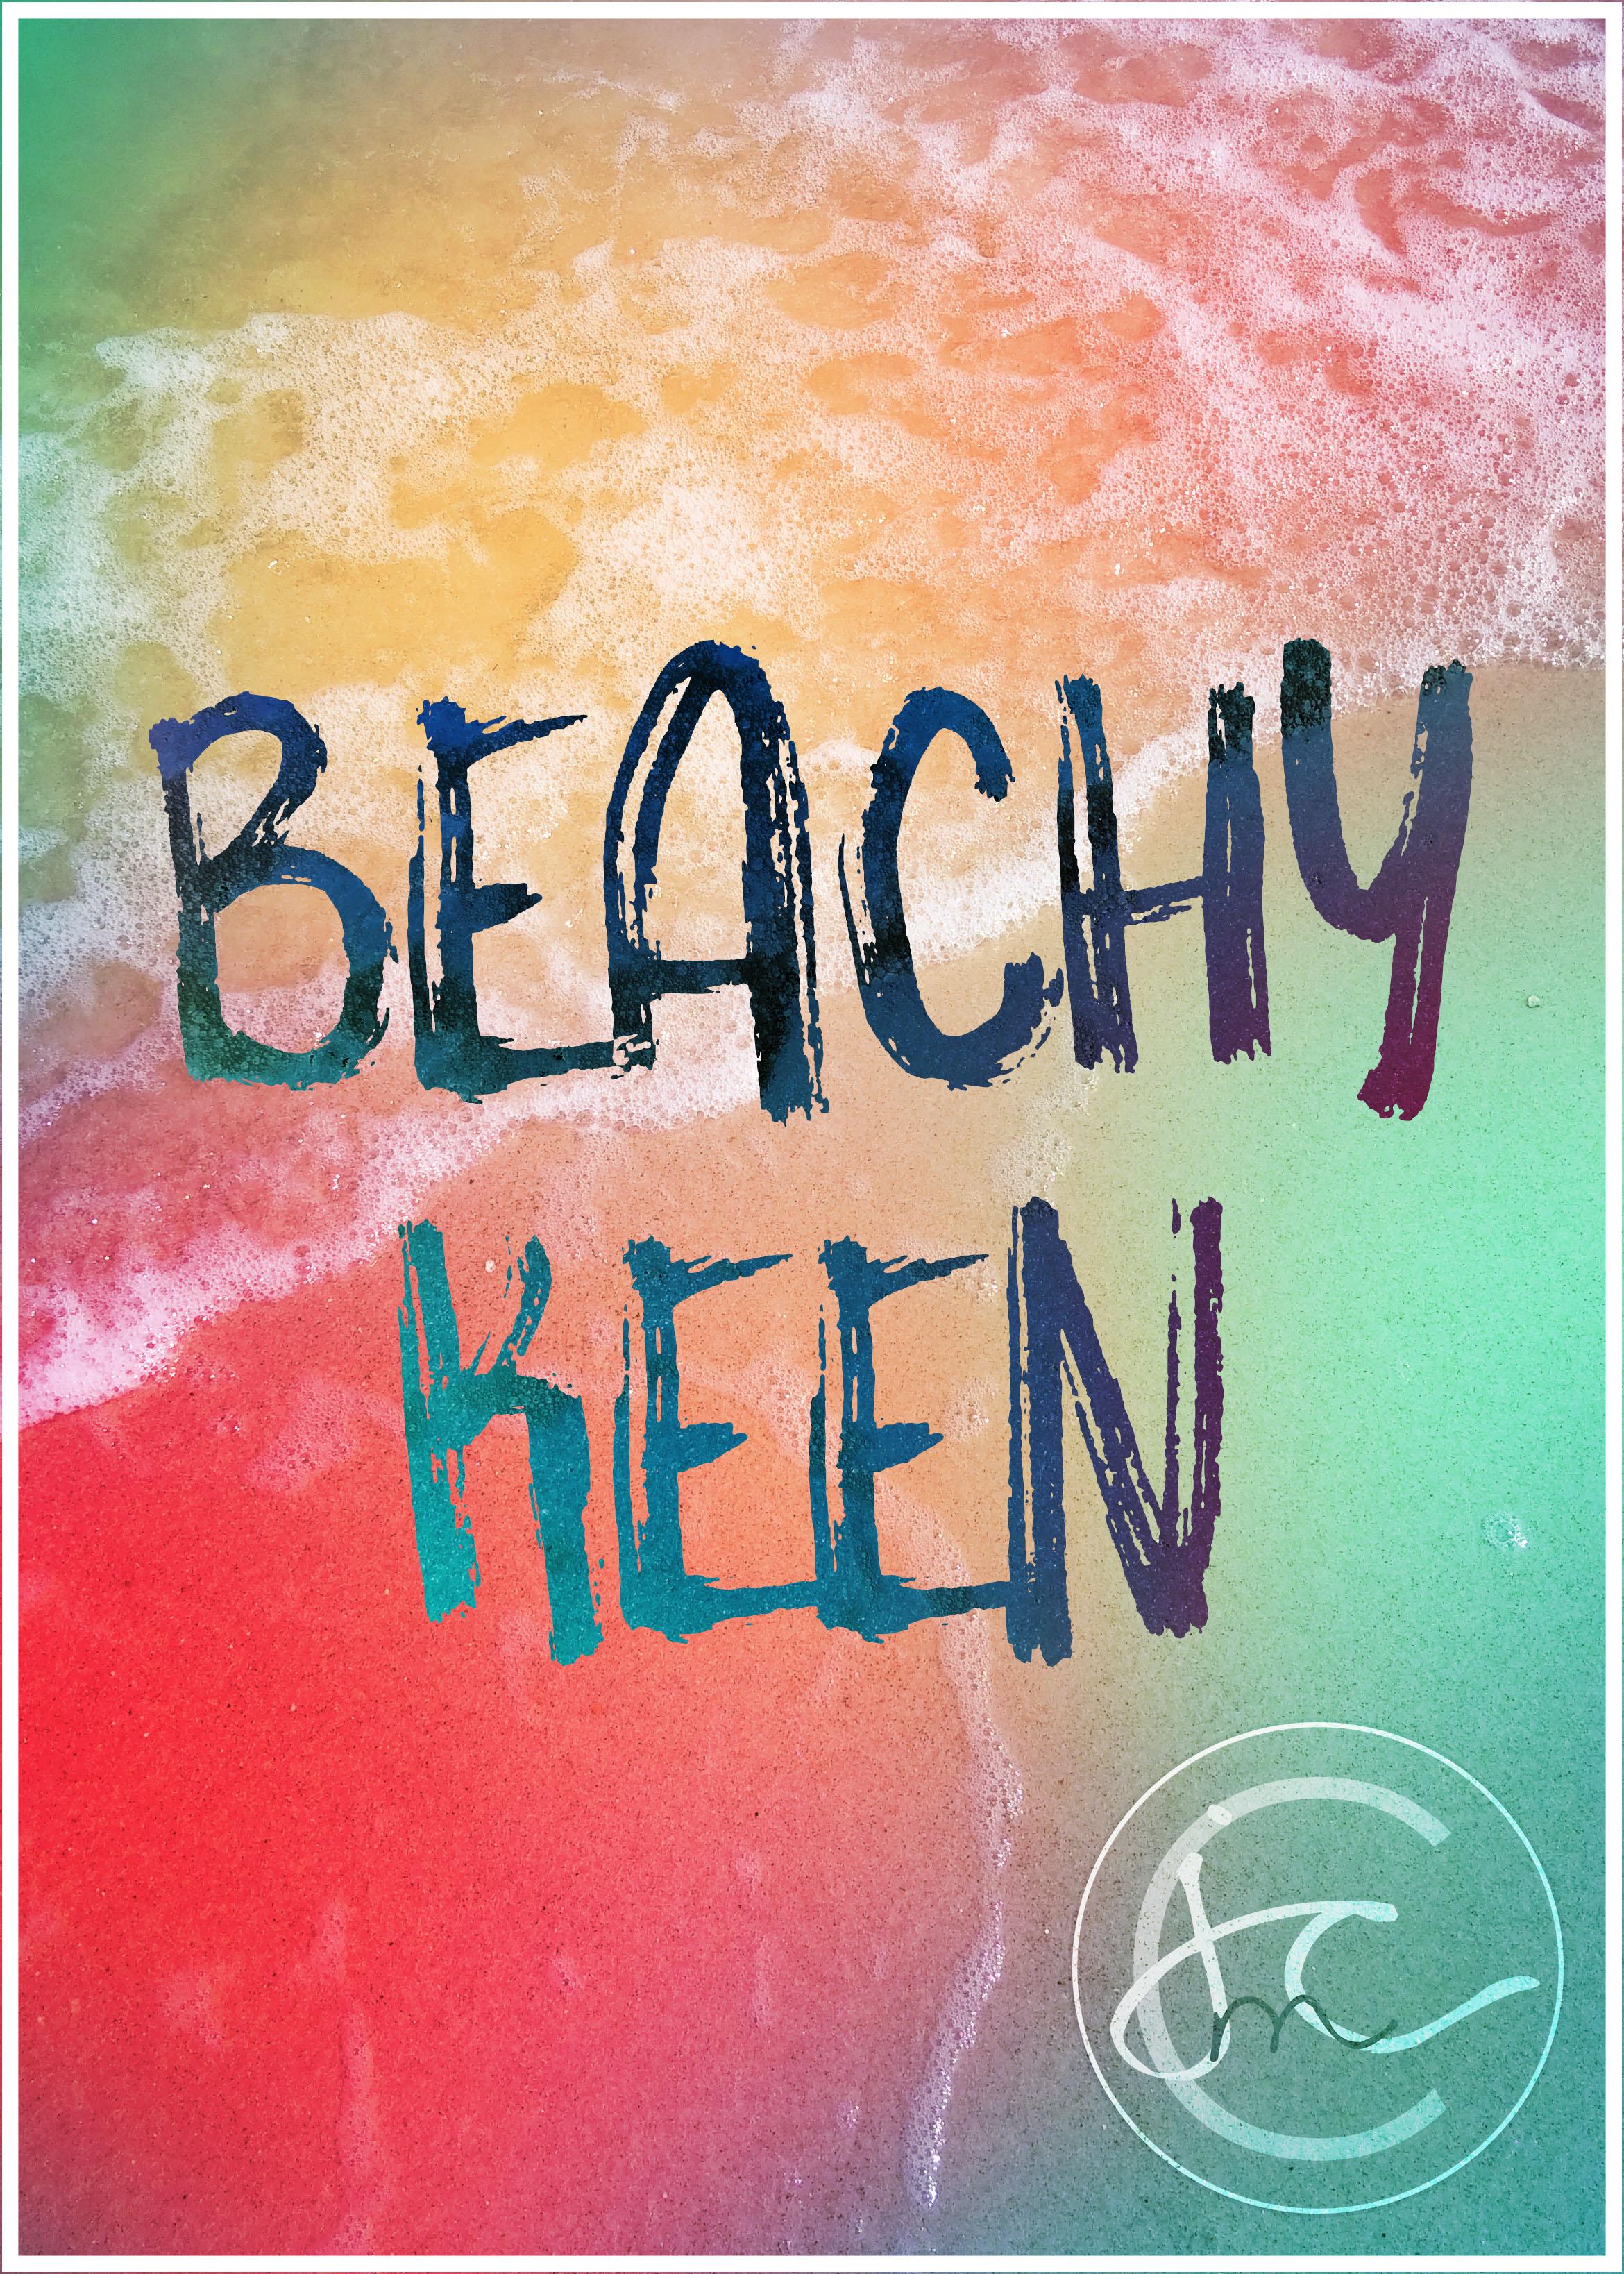 beachy_keen_wm.jpg